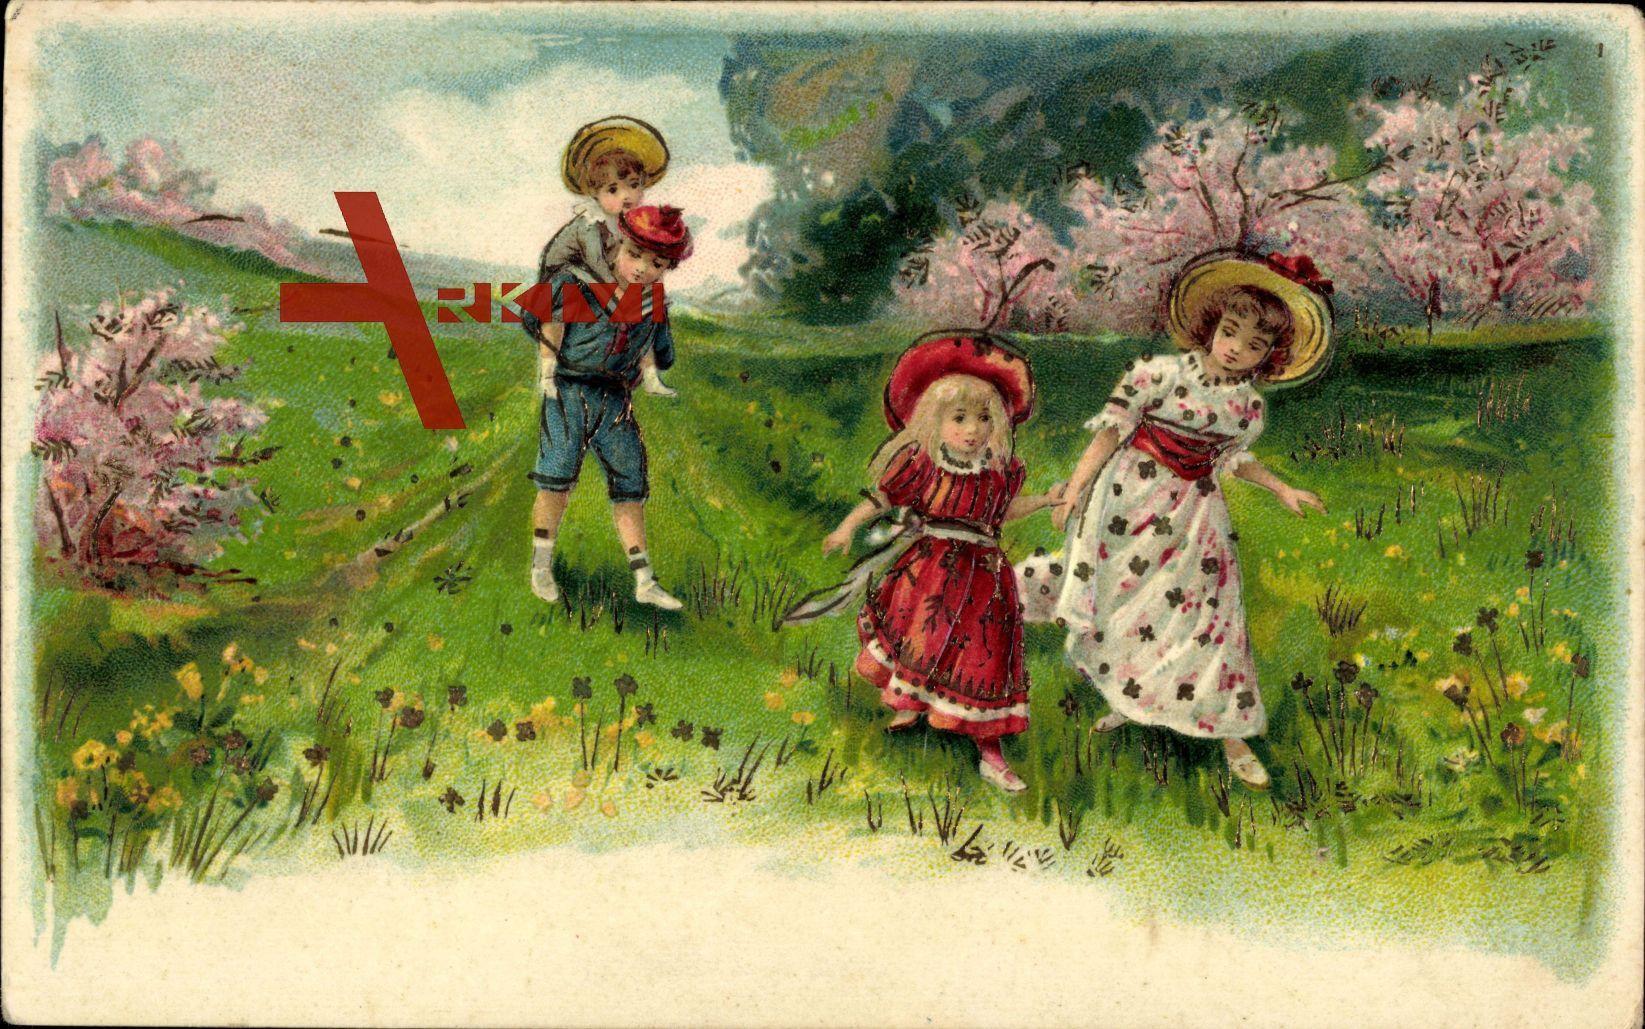 Vier Kinder auf einer Wiese, Frühling, Bunte Kleider